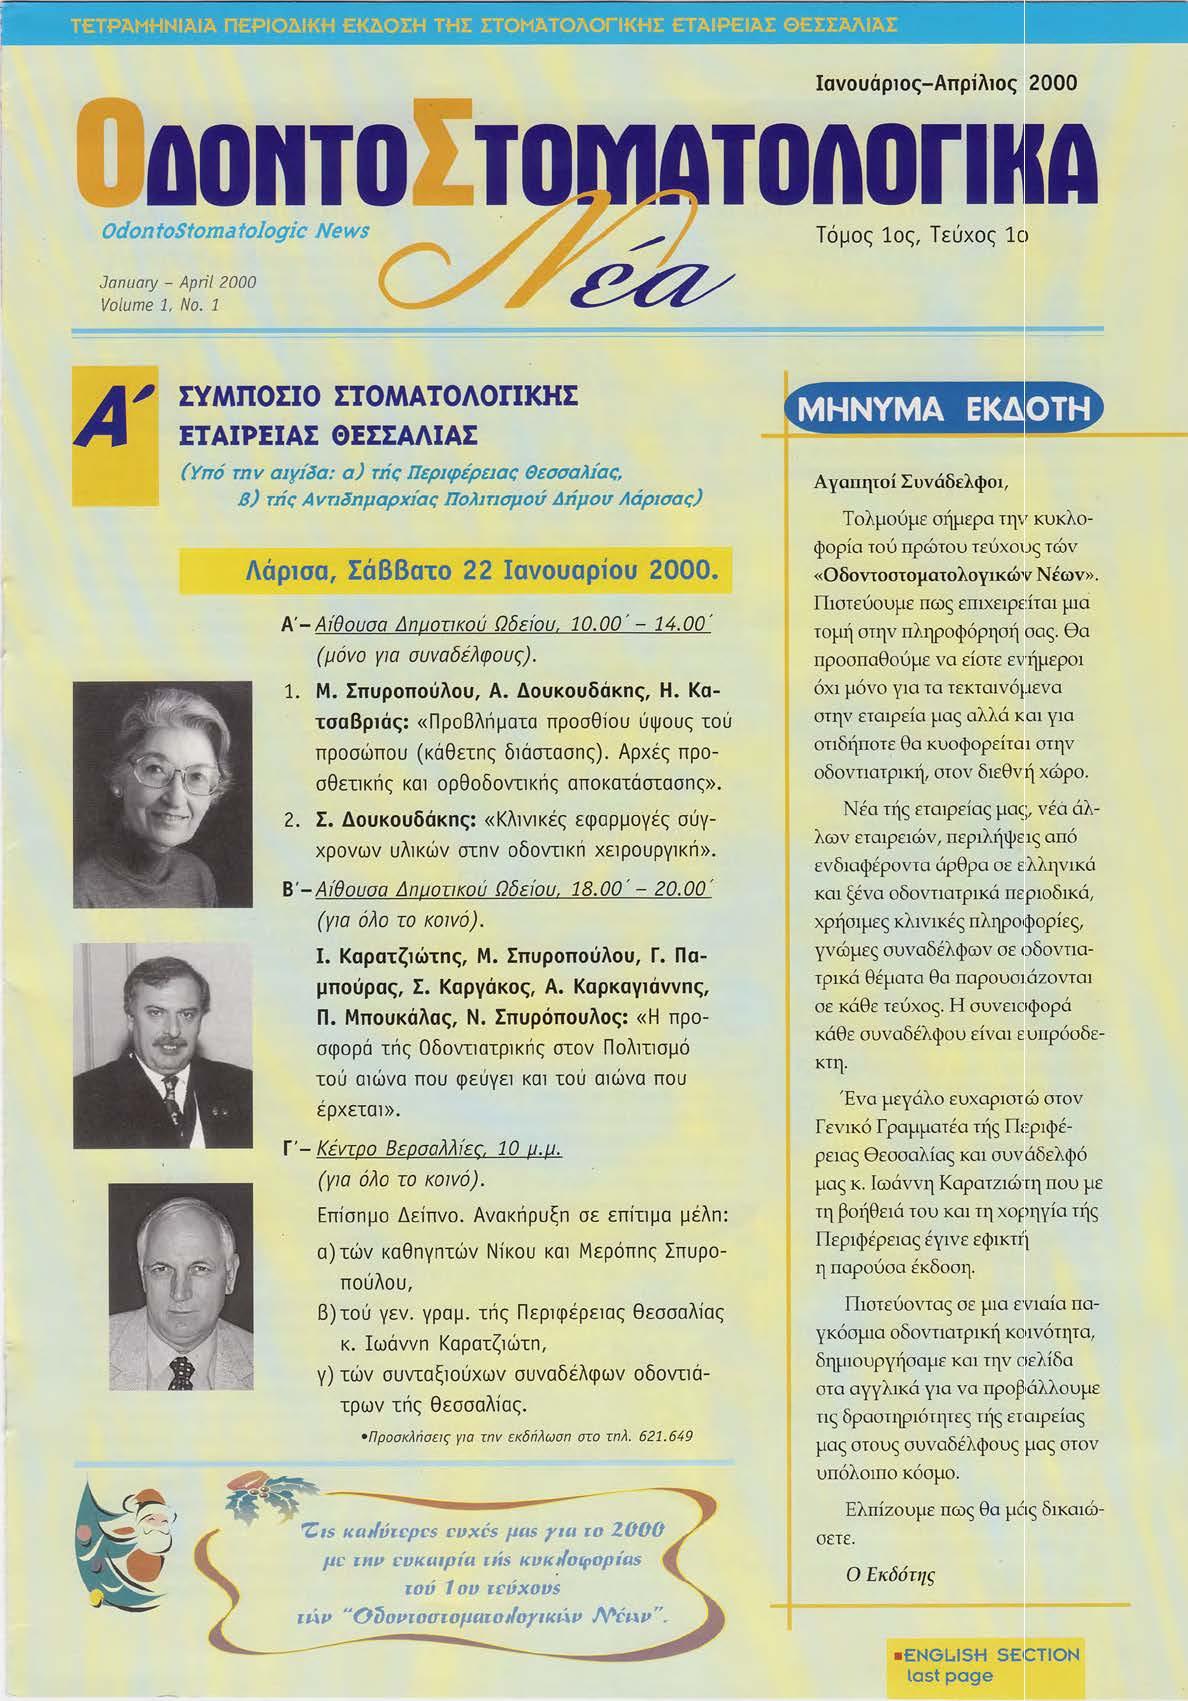 2000 - Τόμος 1ος - Τεύχος 1ο